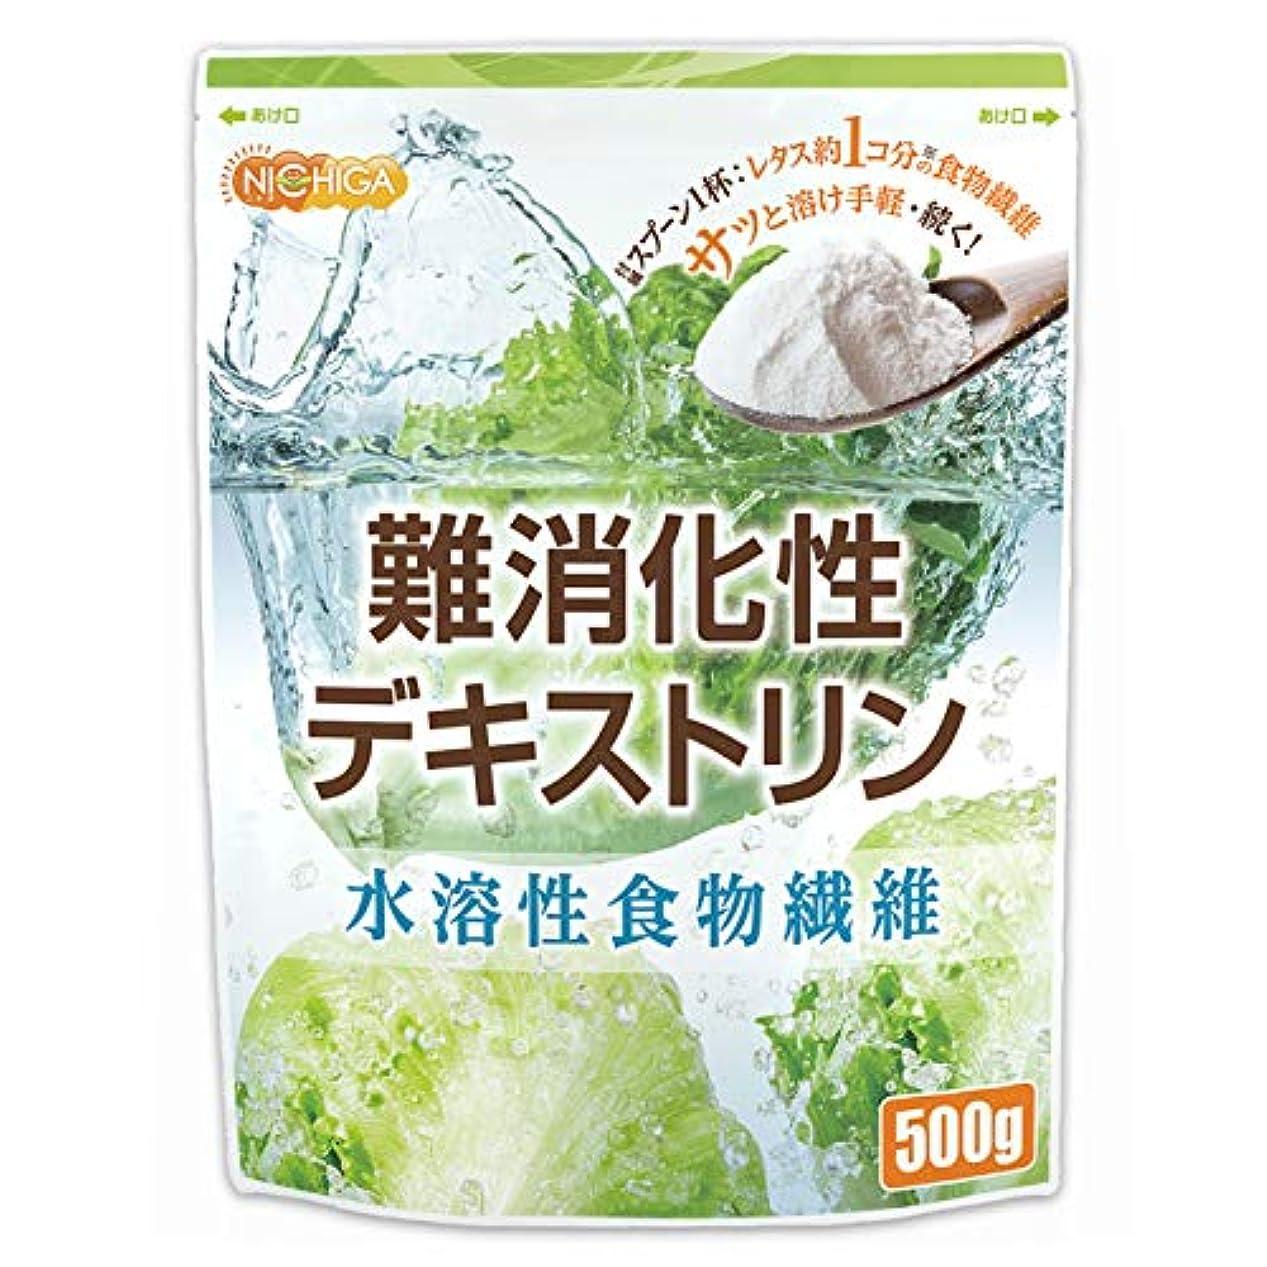 経験物思いにふける高度な難消化性デキストリン 500g 製品のリニューアル致しました 水溶性食物繊維 [01] NICHIGA(ニチガ) 付属のスプーン1杯2.5gで、約レタス1個分の食物繊維